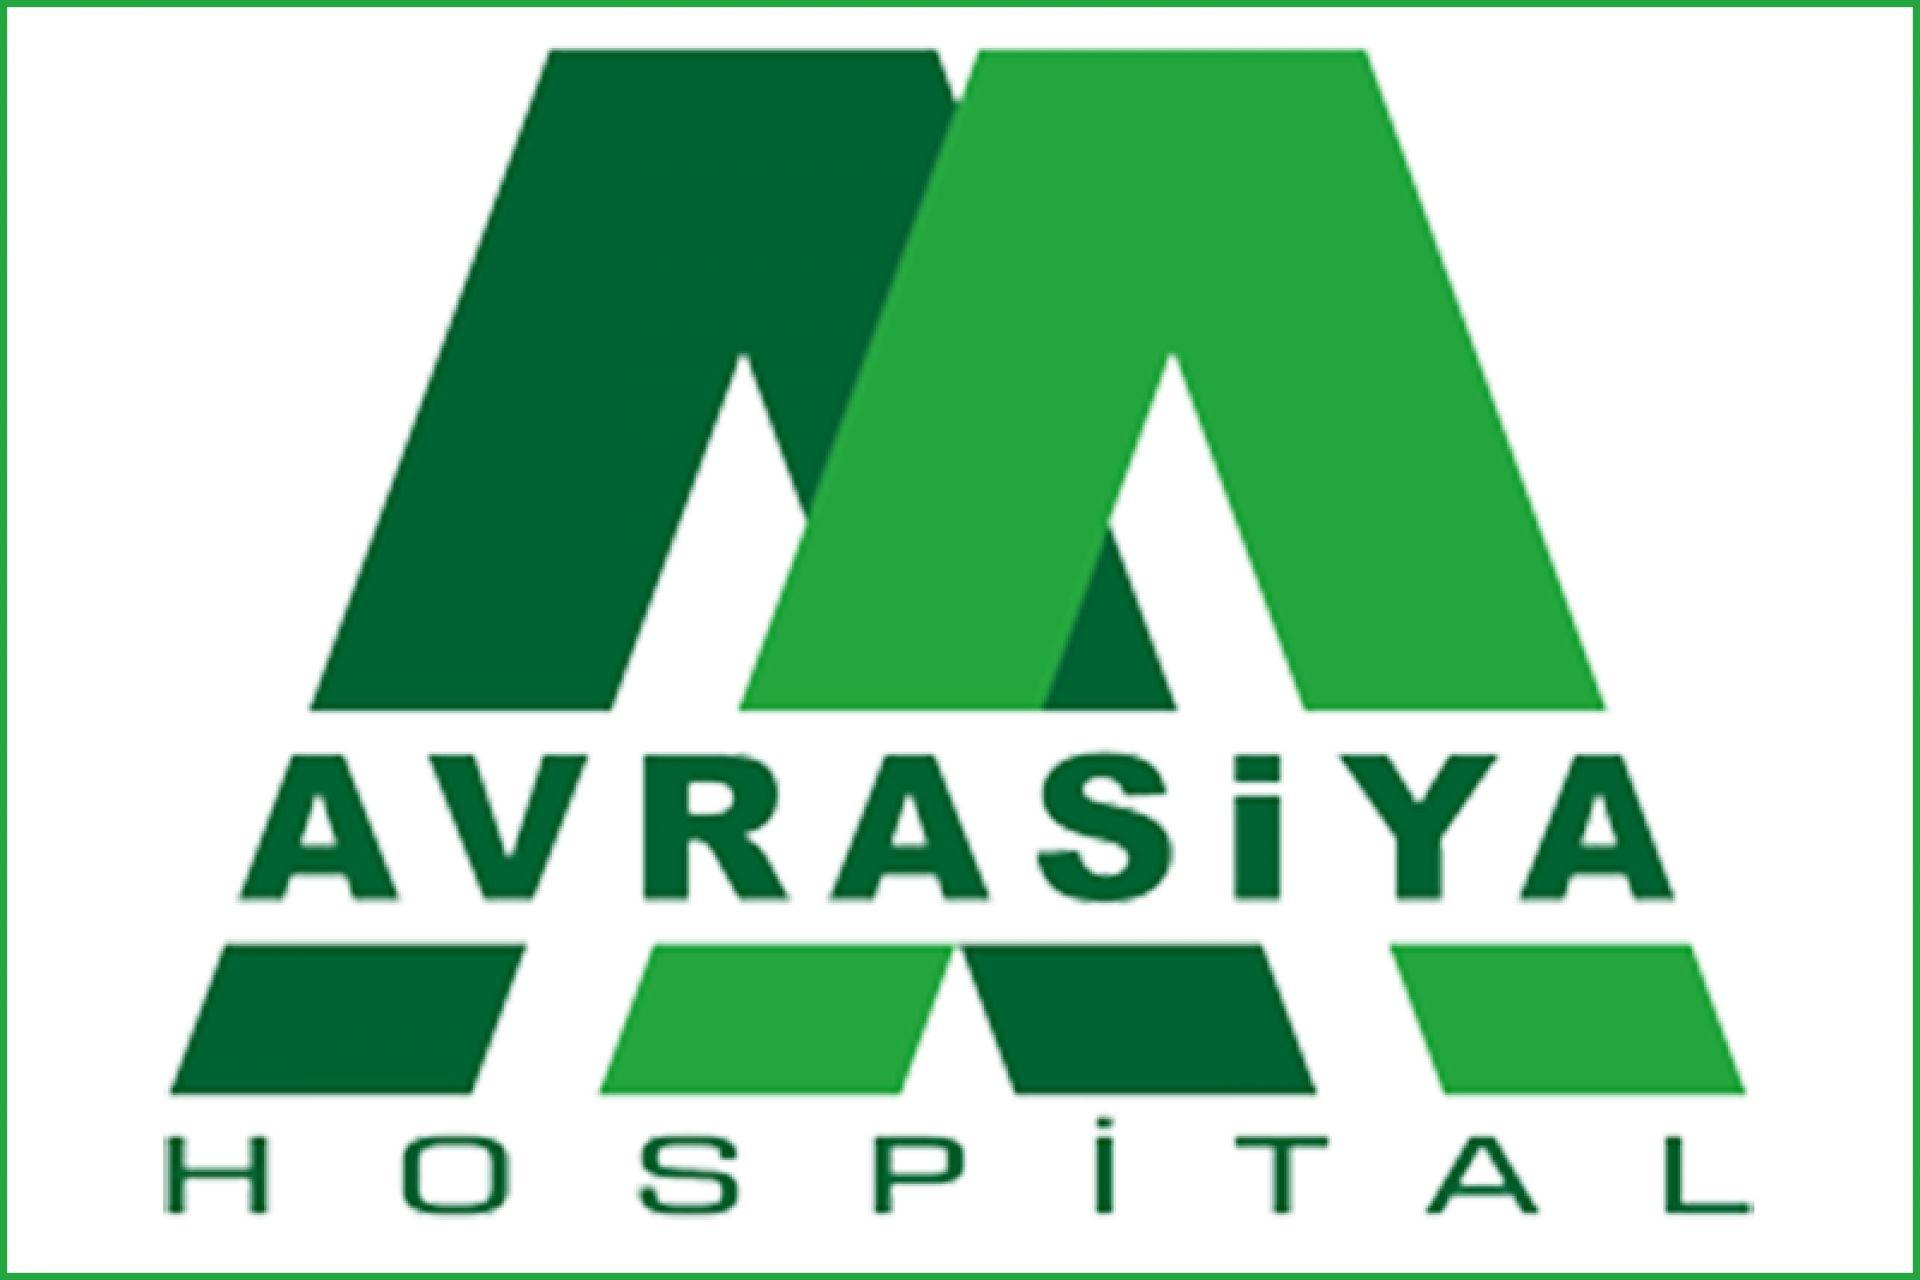 Avrasiya Hospital - Sağlamlıq təmizlikdən başlayır - EcoMedi MMC dezinfeksiya, dezinseksiya, deratizasiya, fumiqasiya işlərinin həyata keçirilməsi üzrə qabaqcıl şirkətdir.